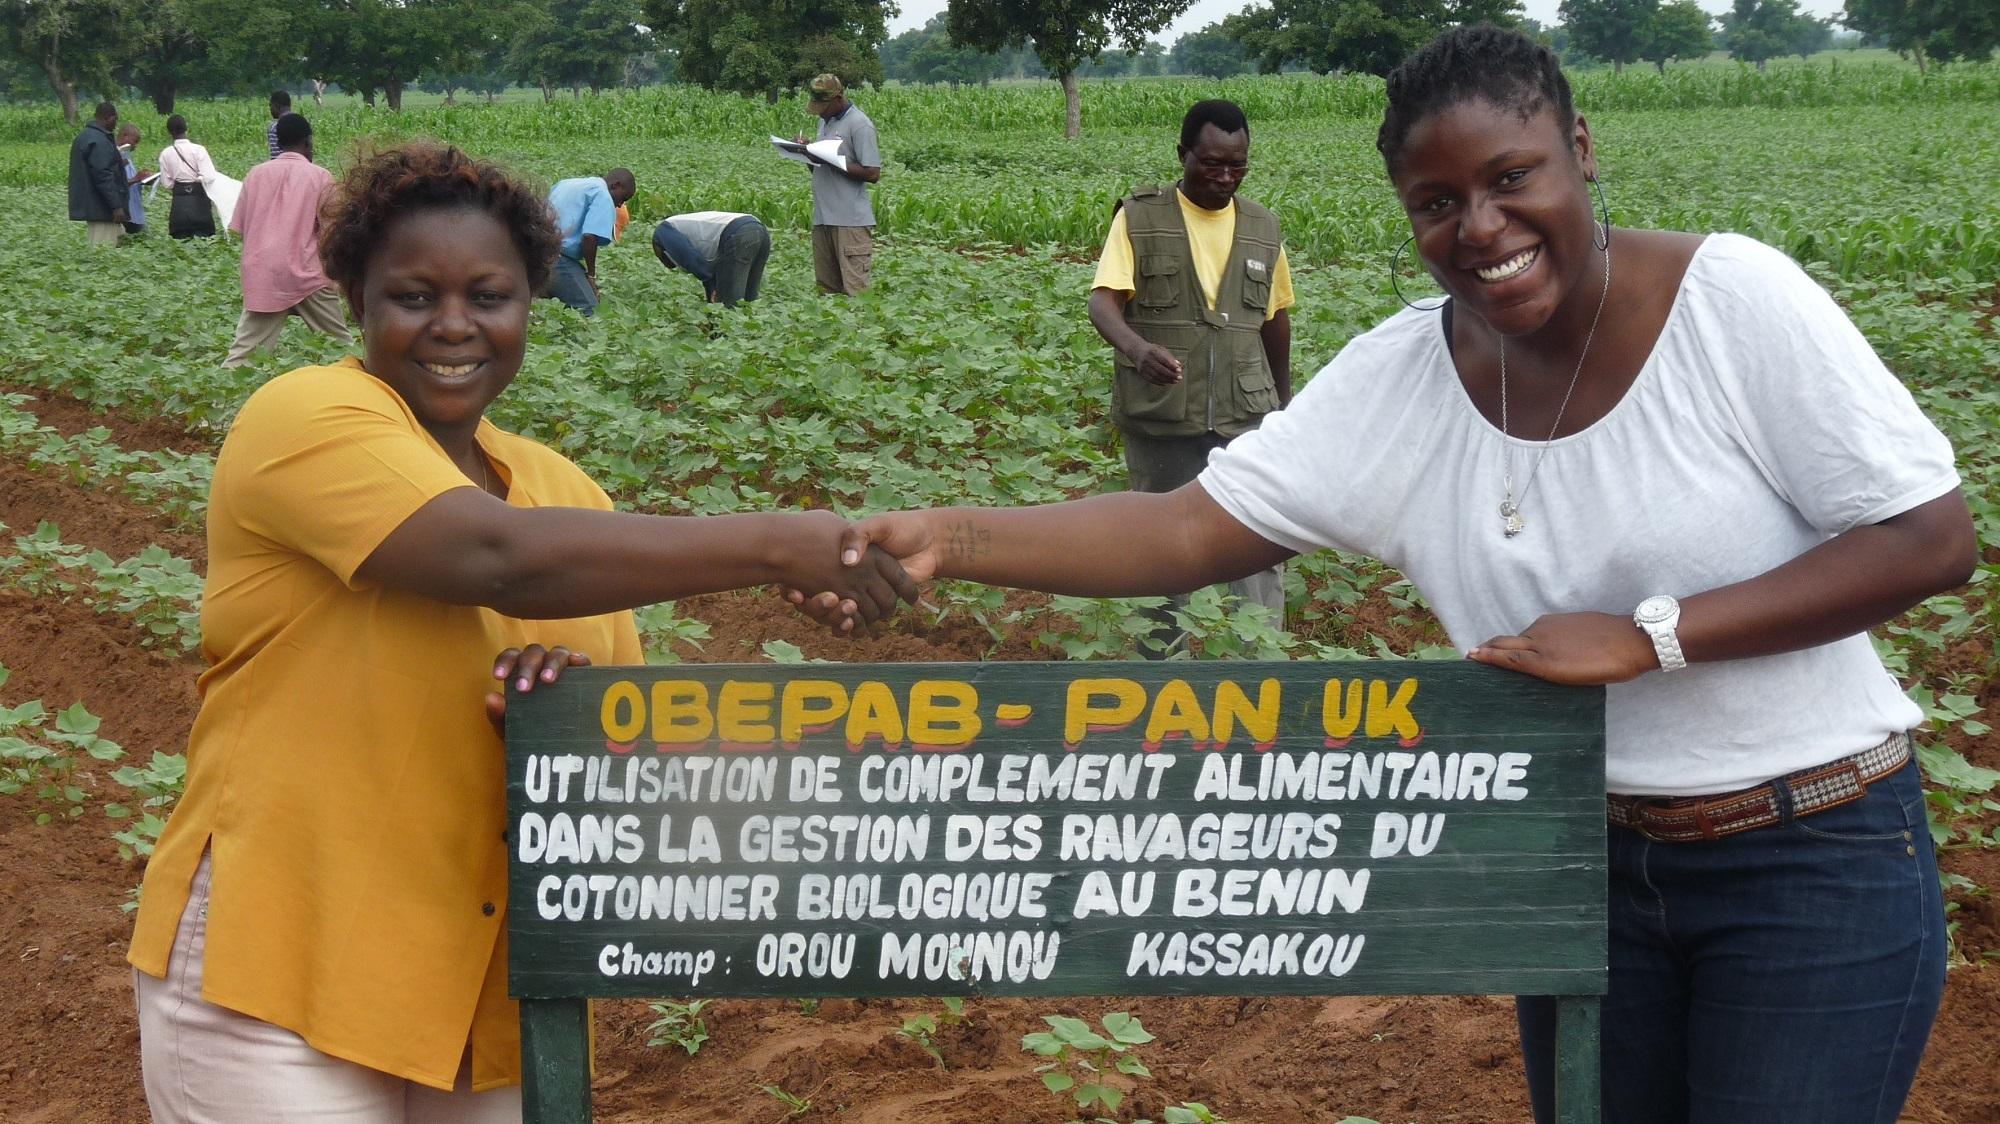 PAN UK in partnership with OBEPAB in Benin